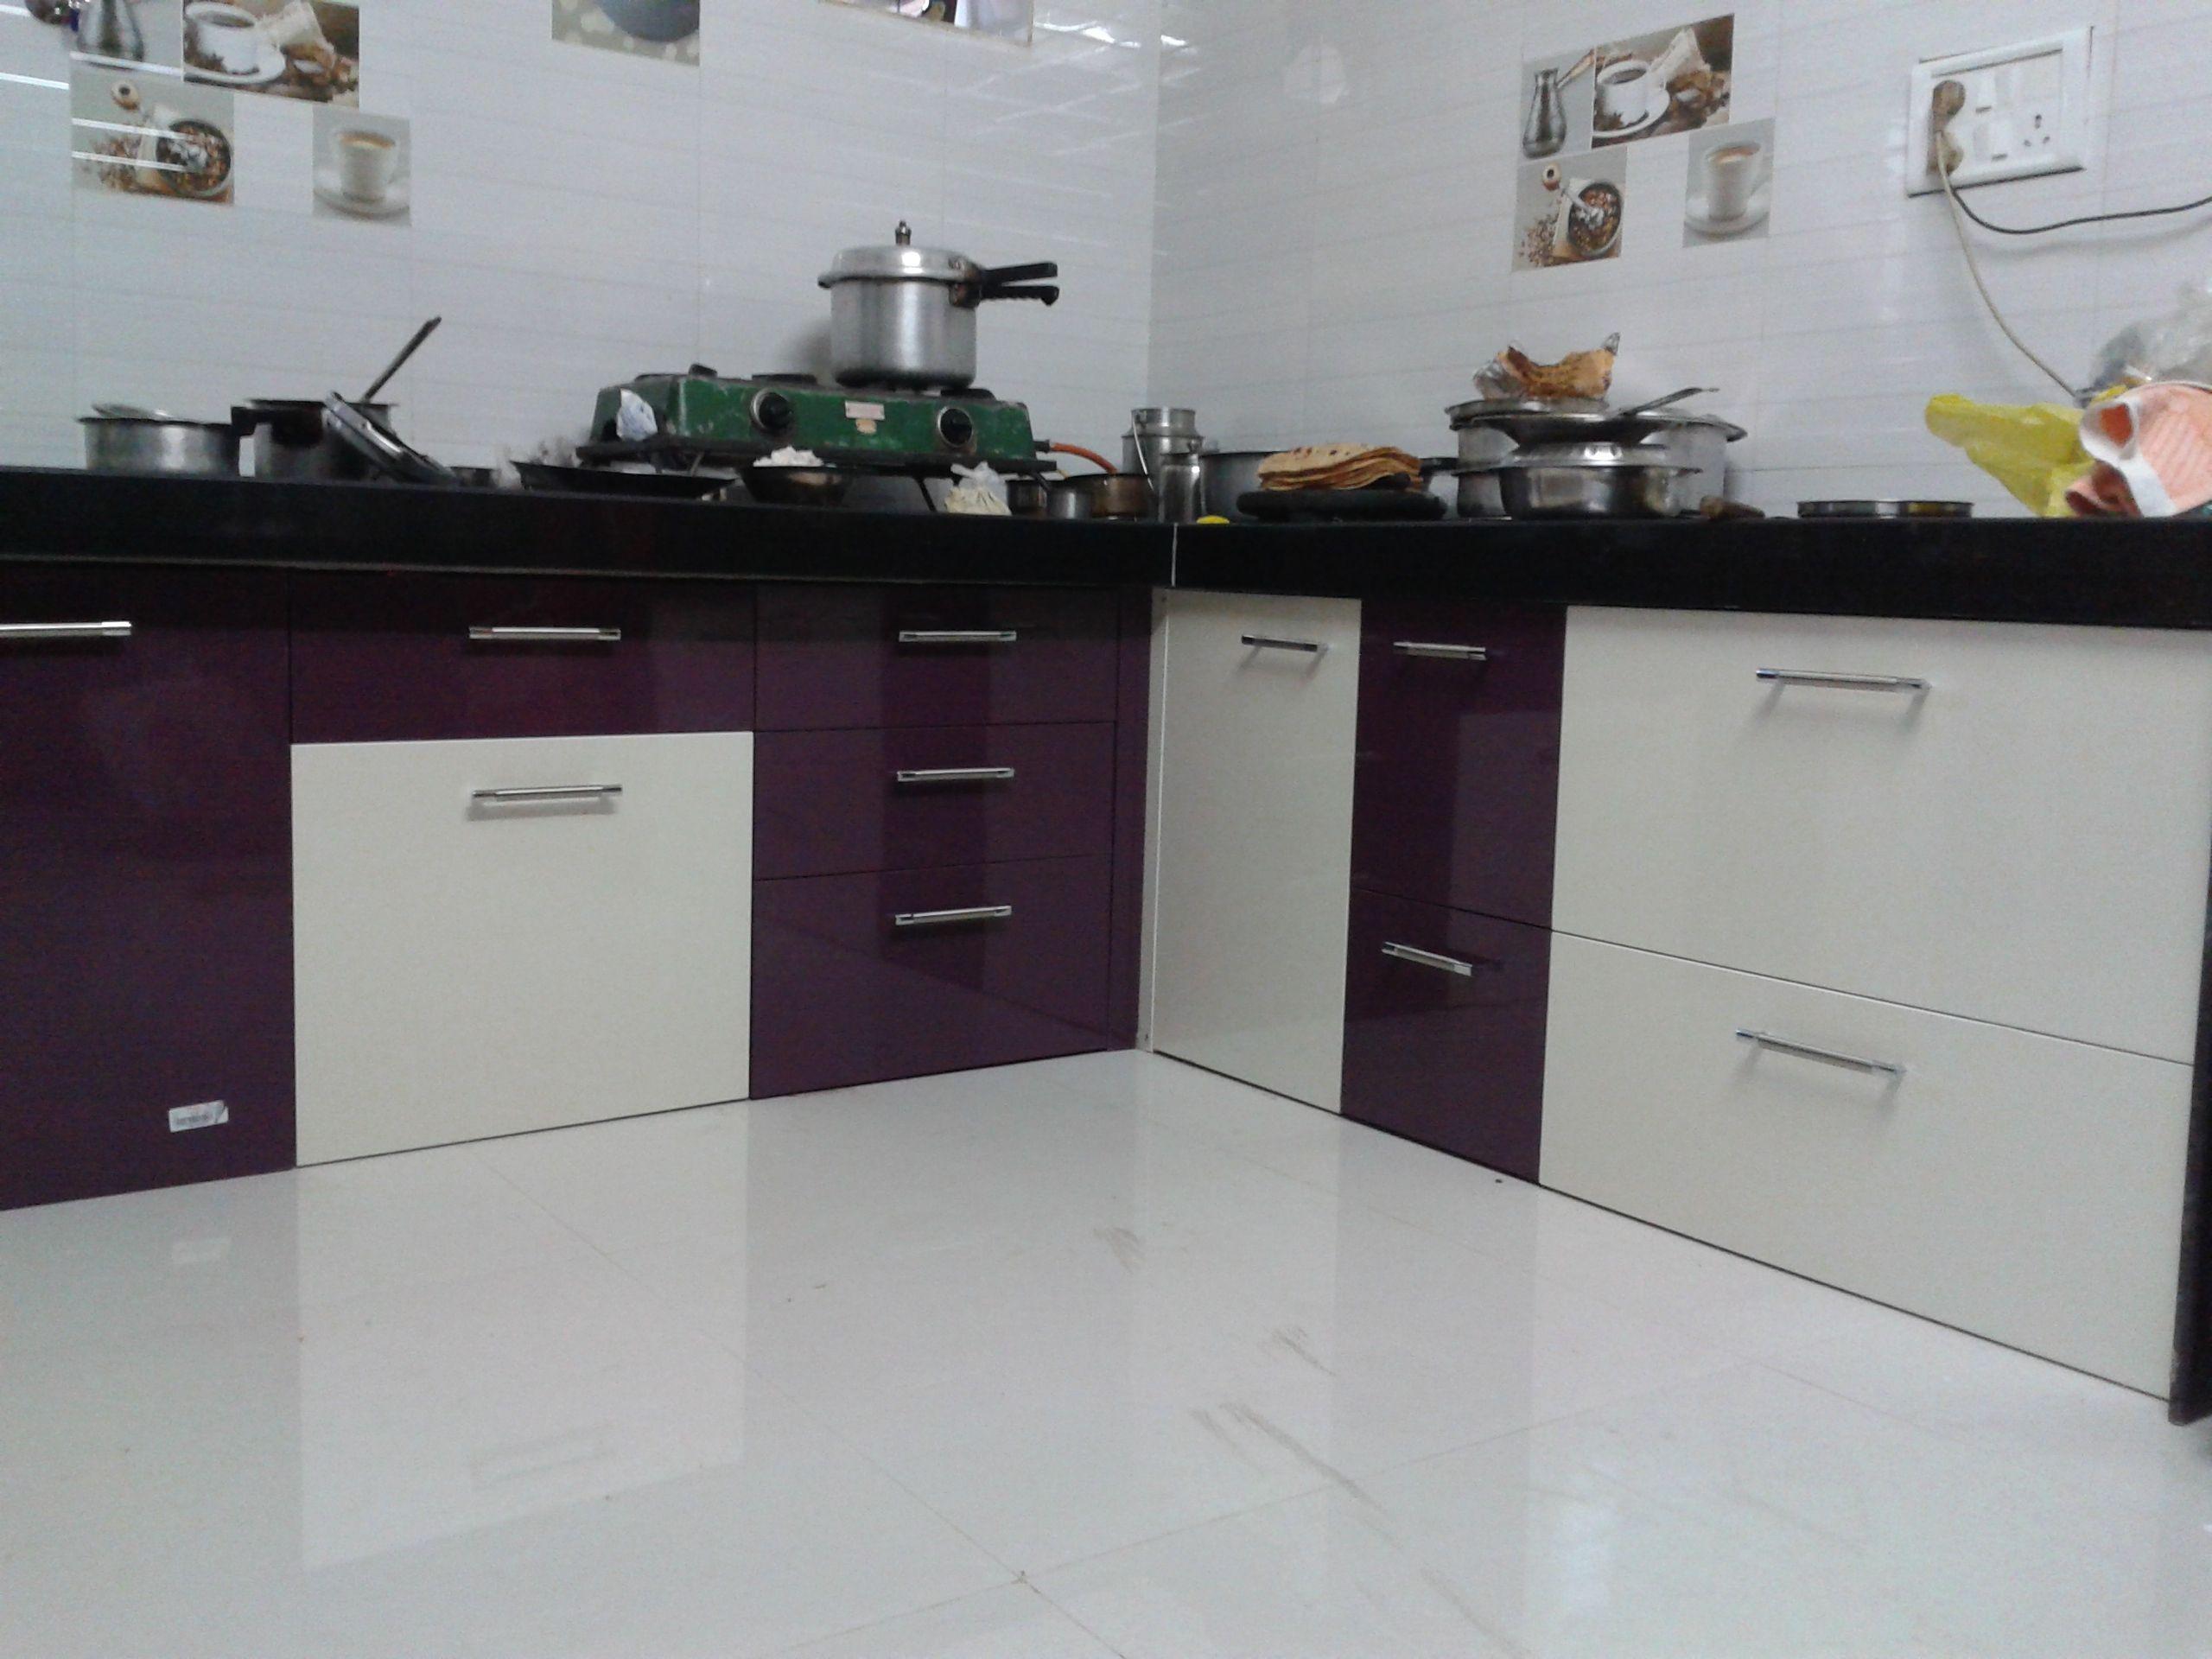 kitchen trolleys & modular kitchen